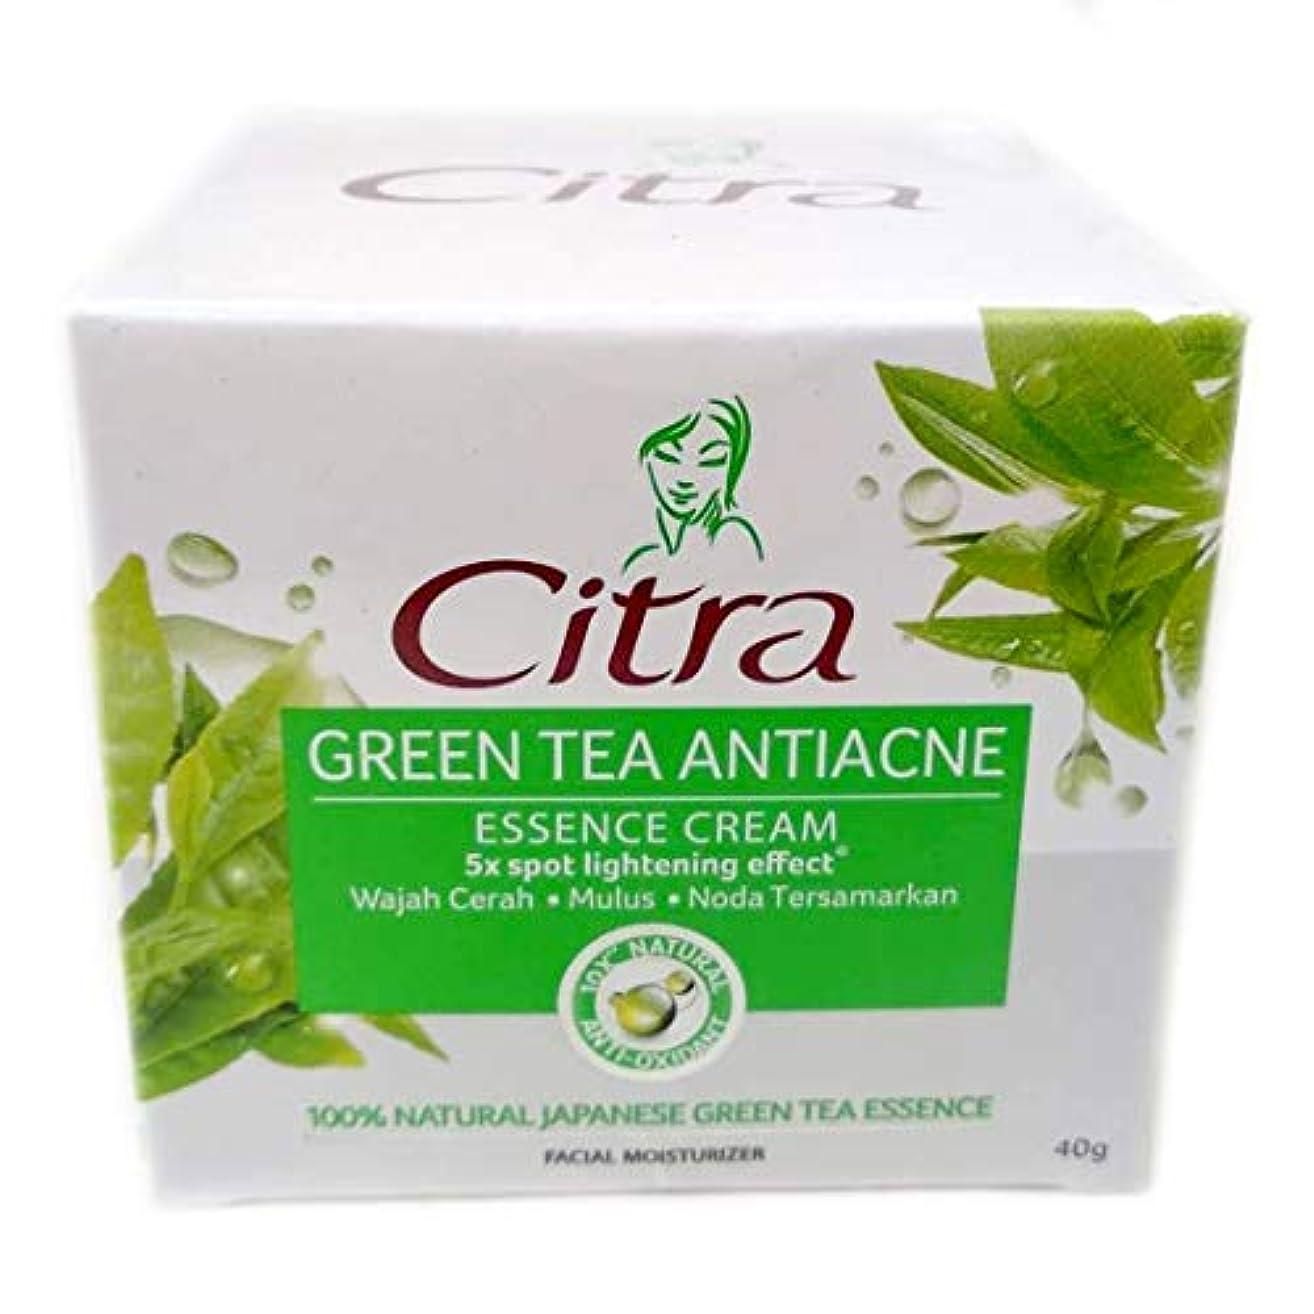 手ノーブル群衆Citra チトラ Facial Moisturizer フェイシャルモイスチャライザー エッセンシャルフェイスクリーム Green Tea Antiacne 40g [海外直送品]